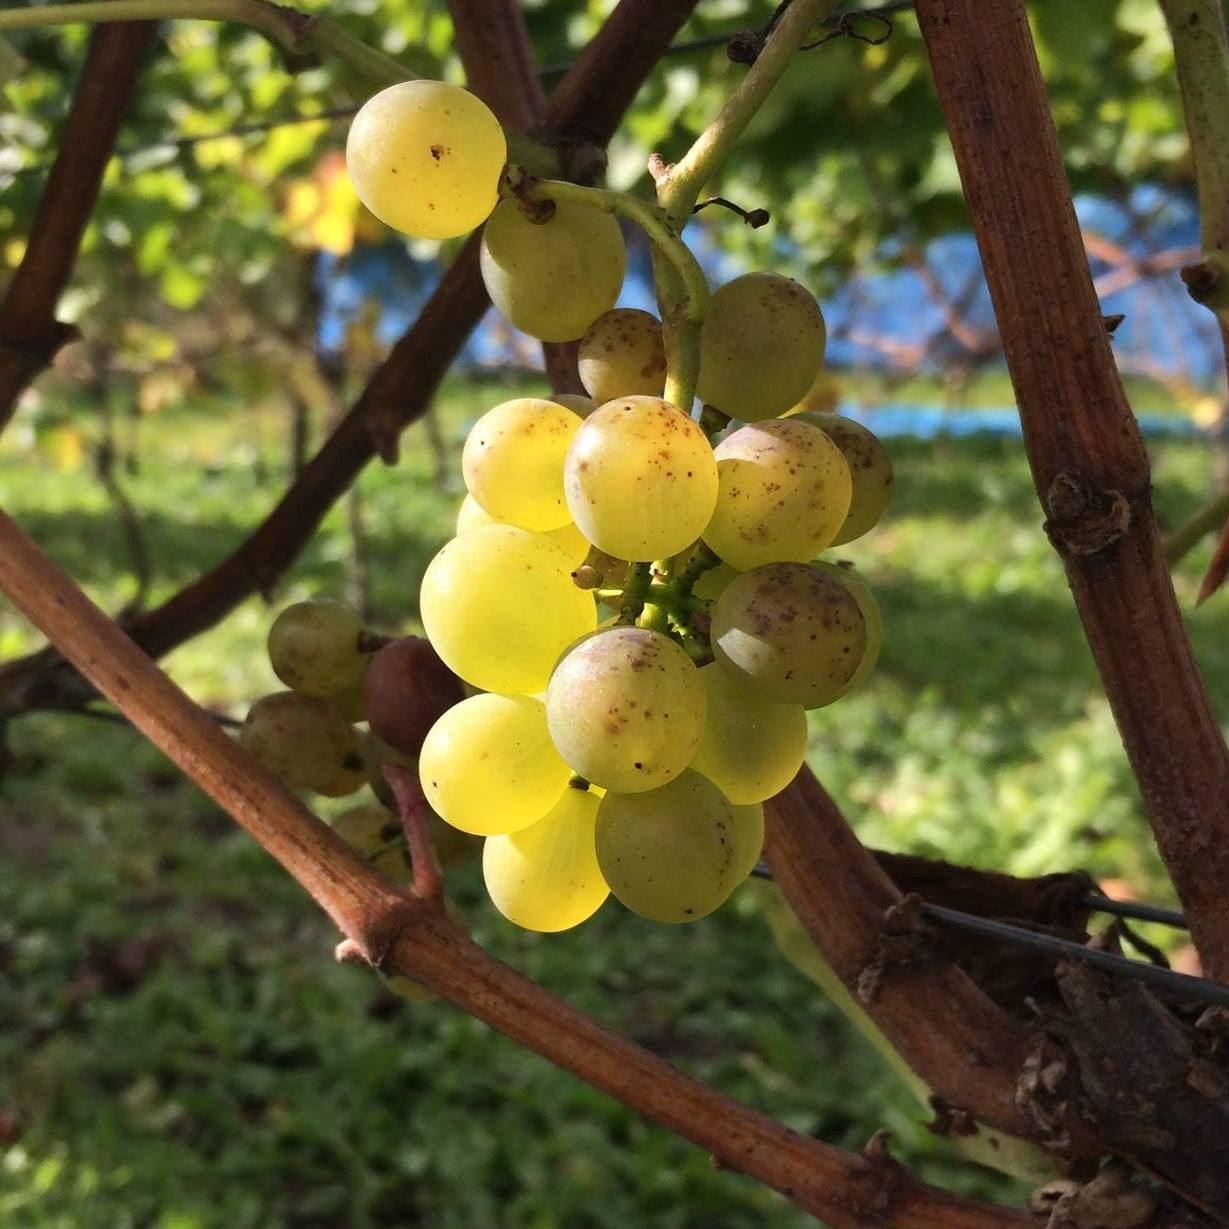 Åhus winery